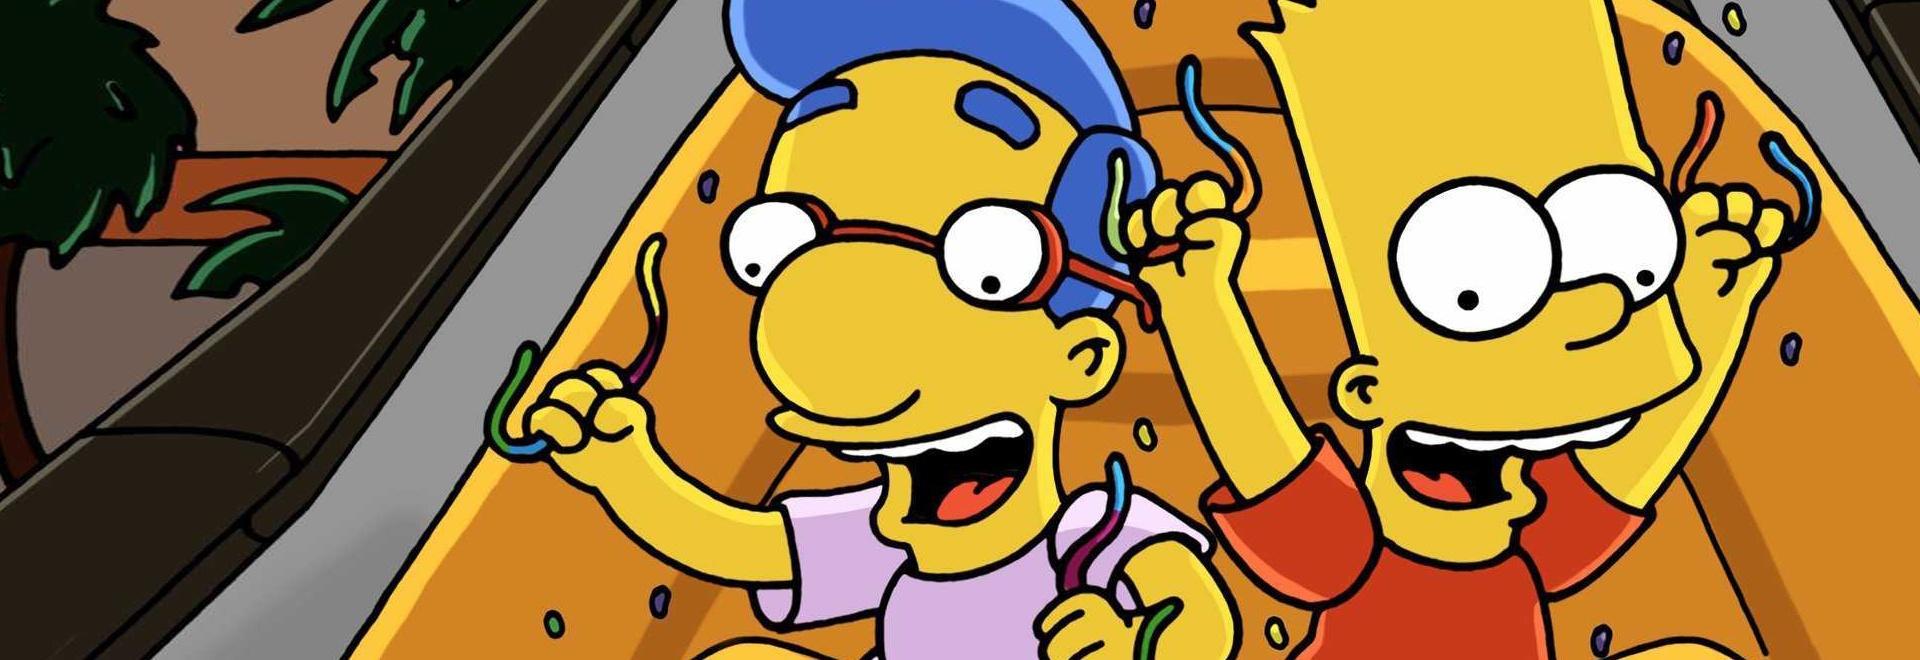 Figlia unica di Krusty ignaro